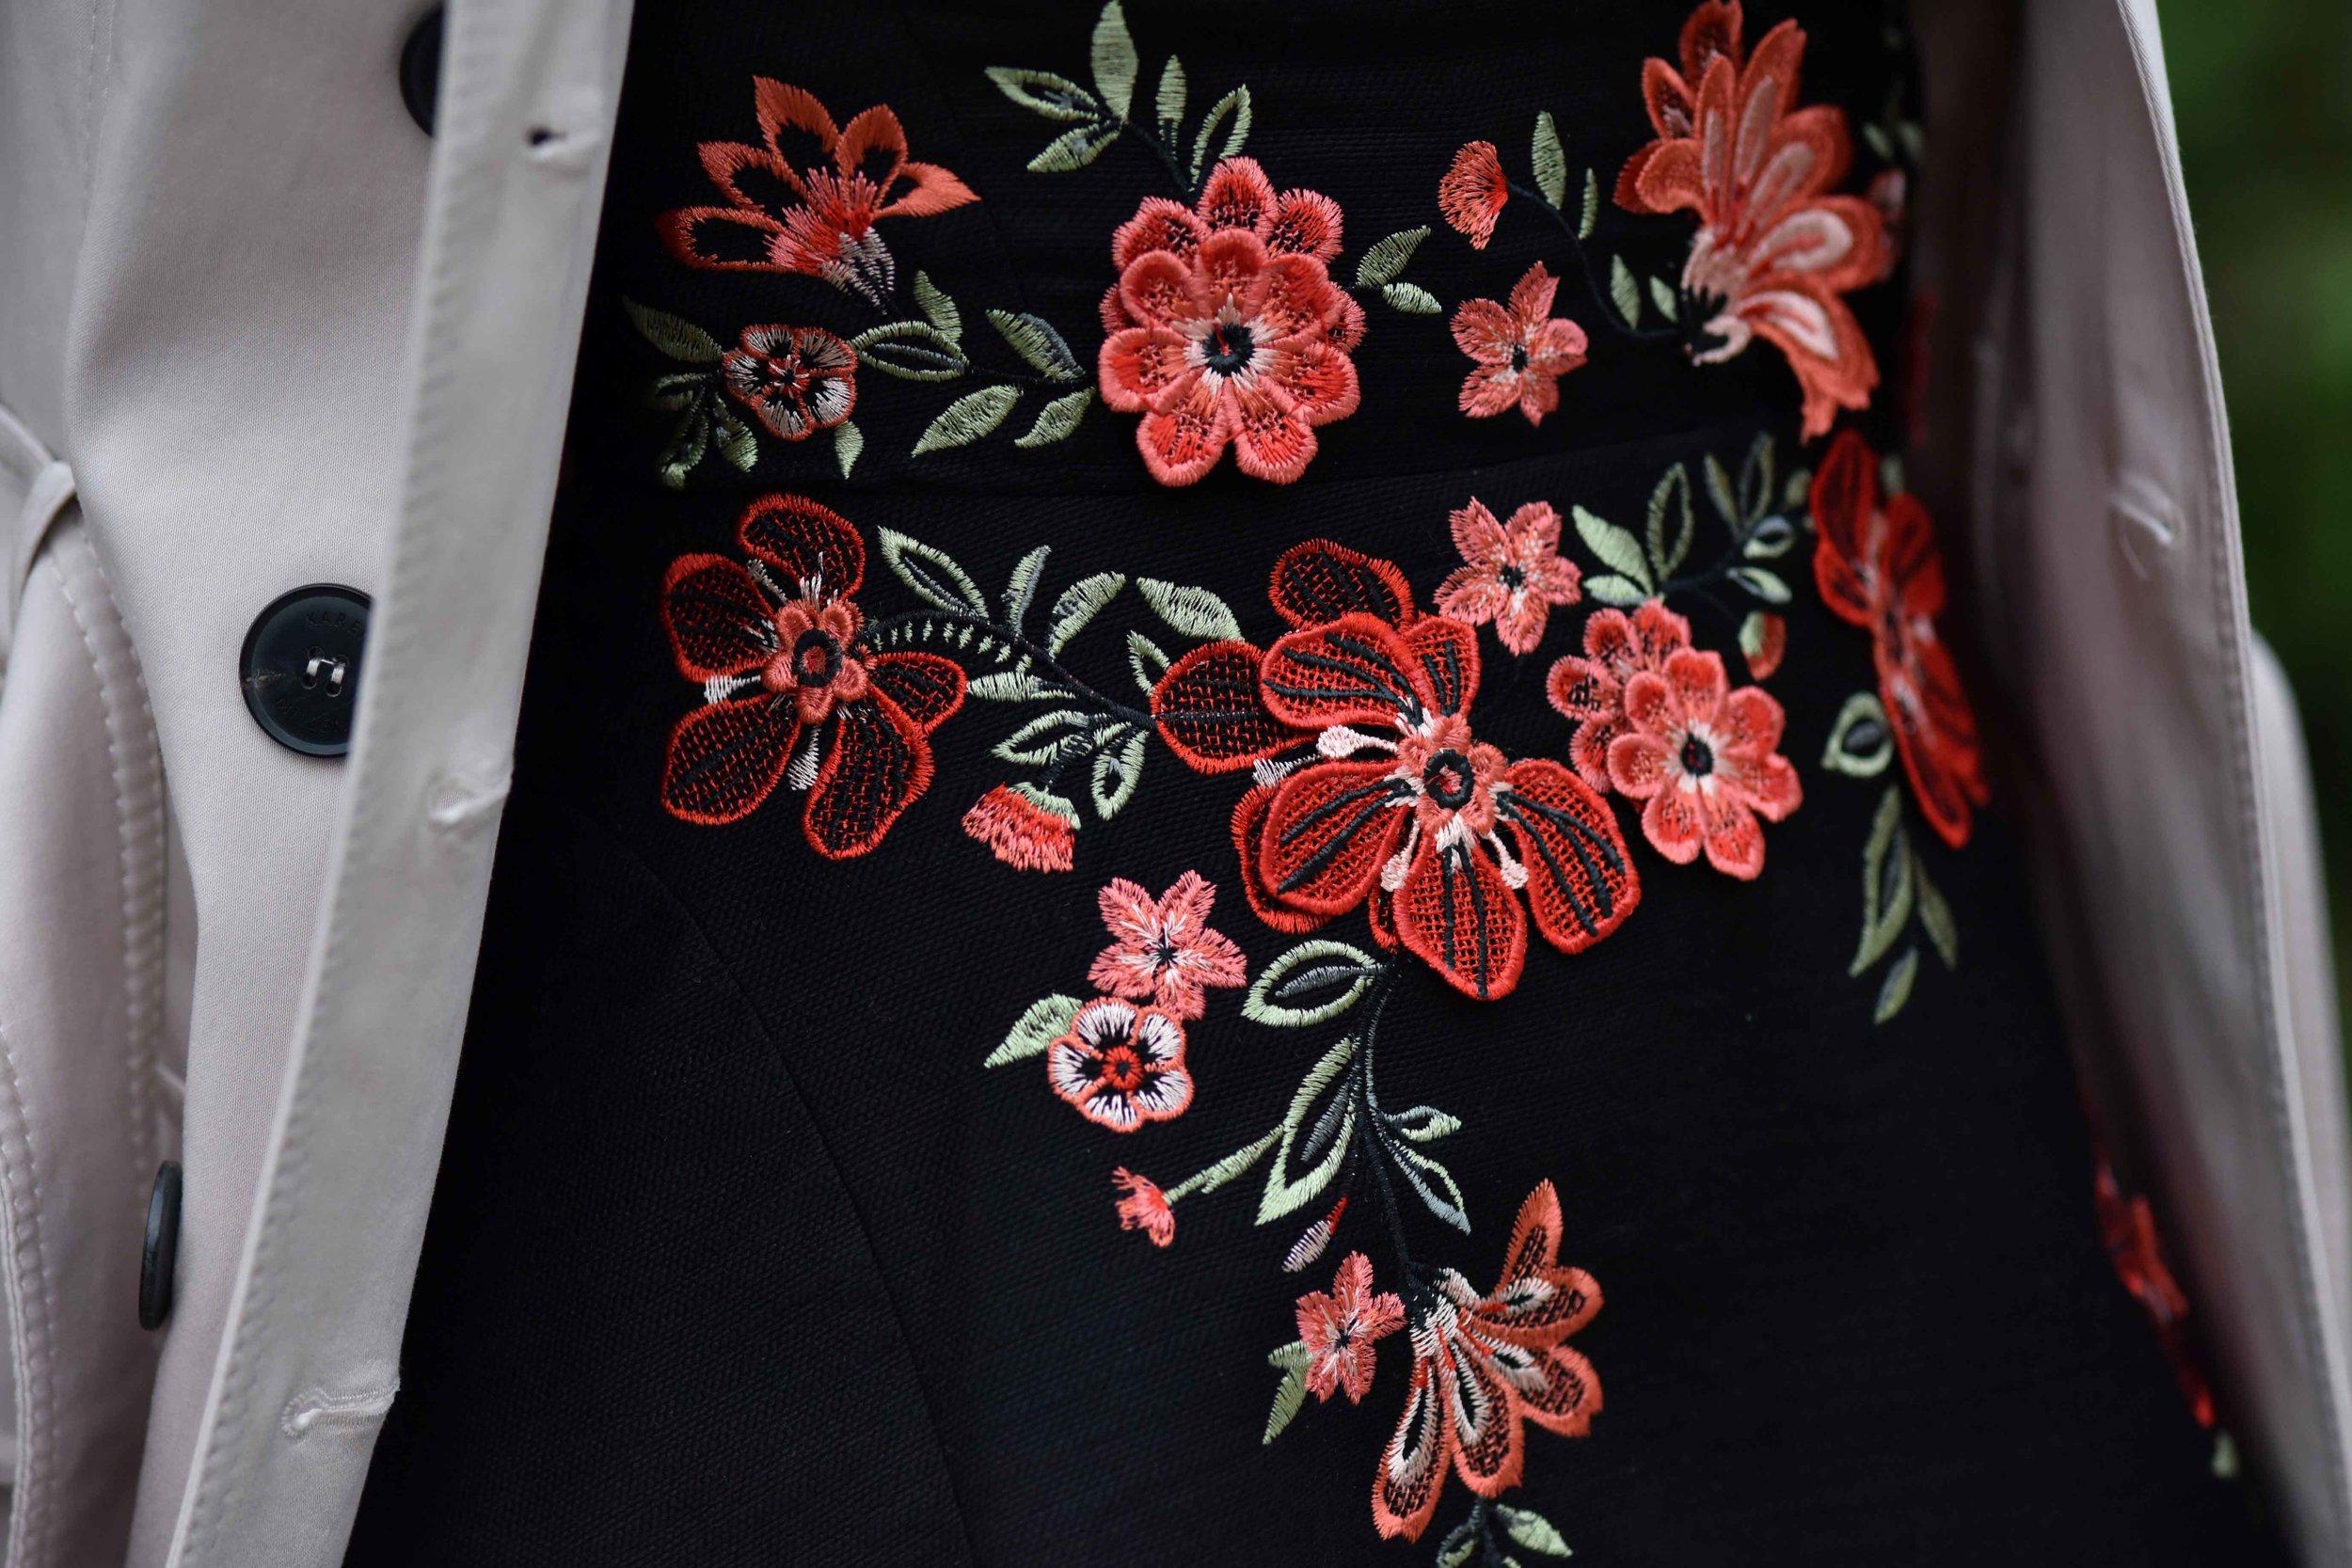 Karen Millen black embroidered dress, sandals, Coworth Park hotel, Dorchester Collection, UK. Image©sourcingstyle.com